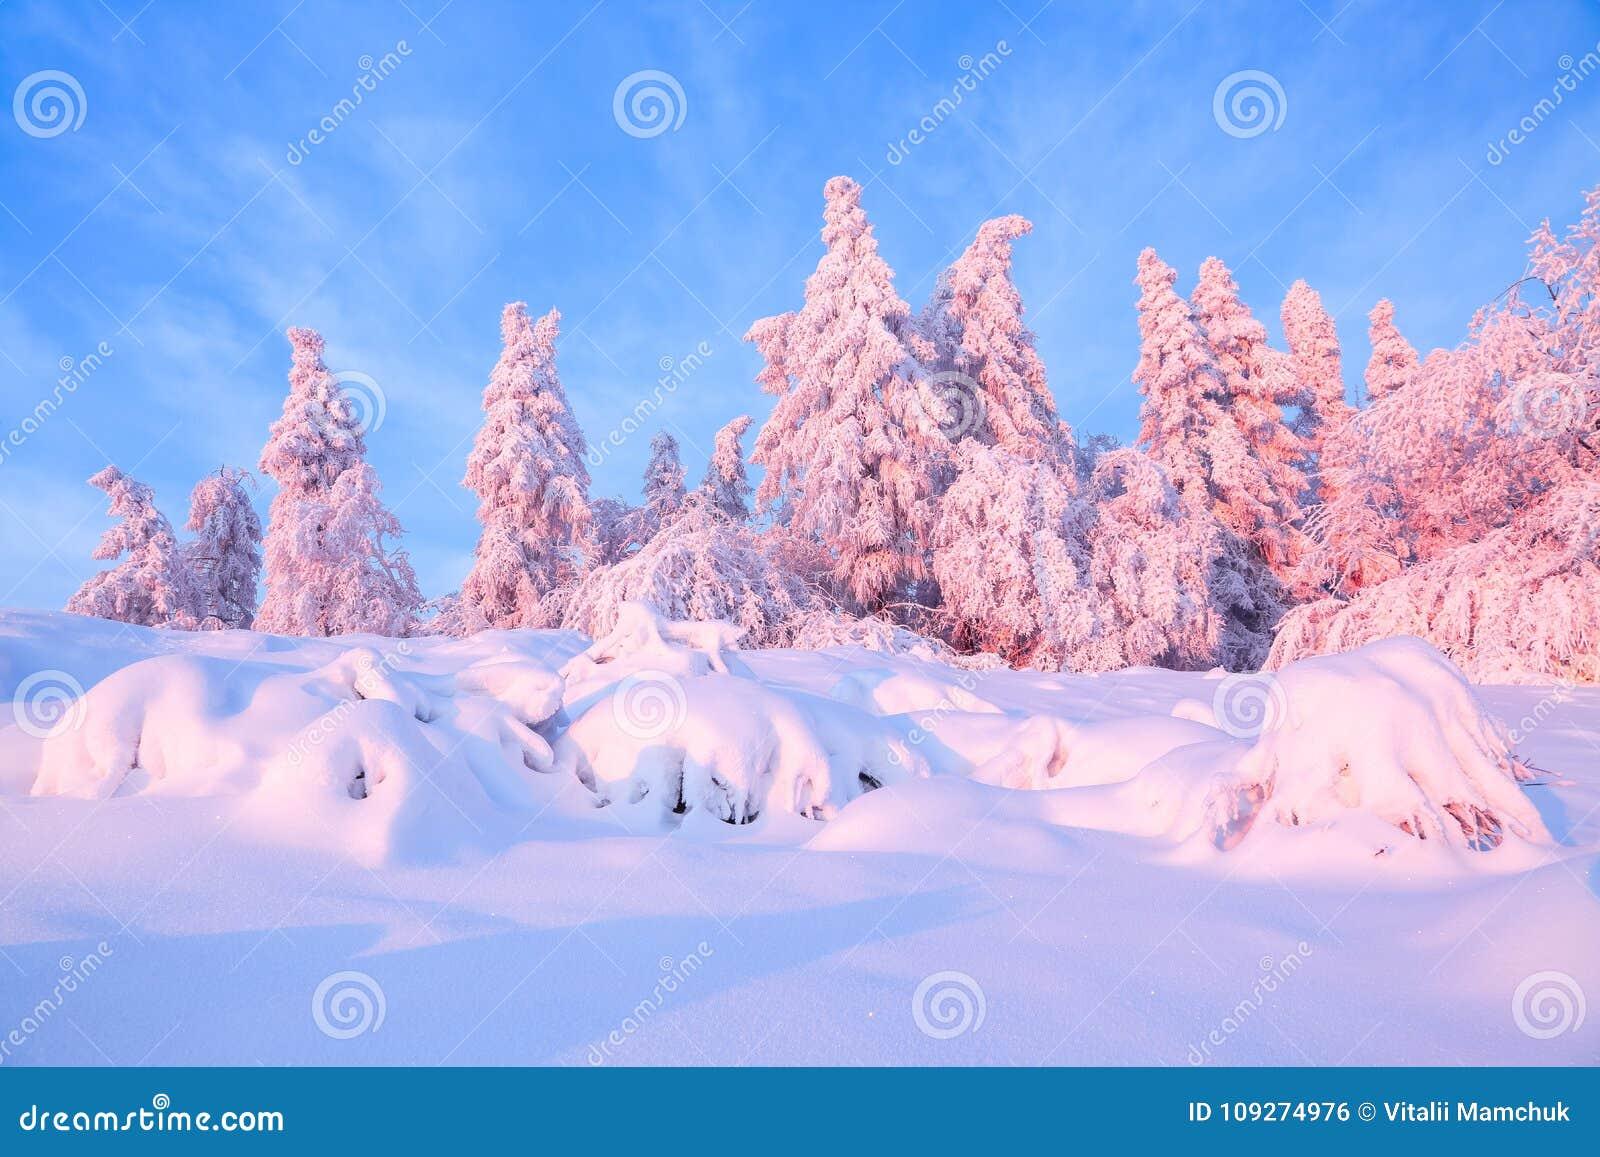 用厚实的雪层数盖的好的扭转的树在美好的冬日启迪玫瑰色的日落